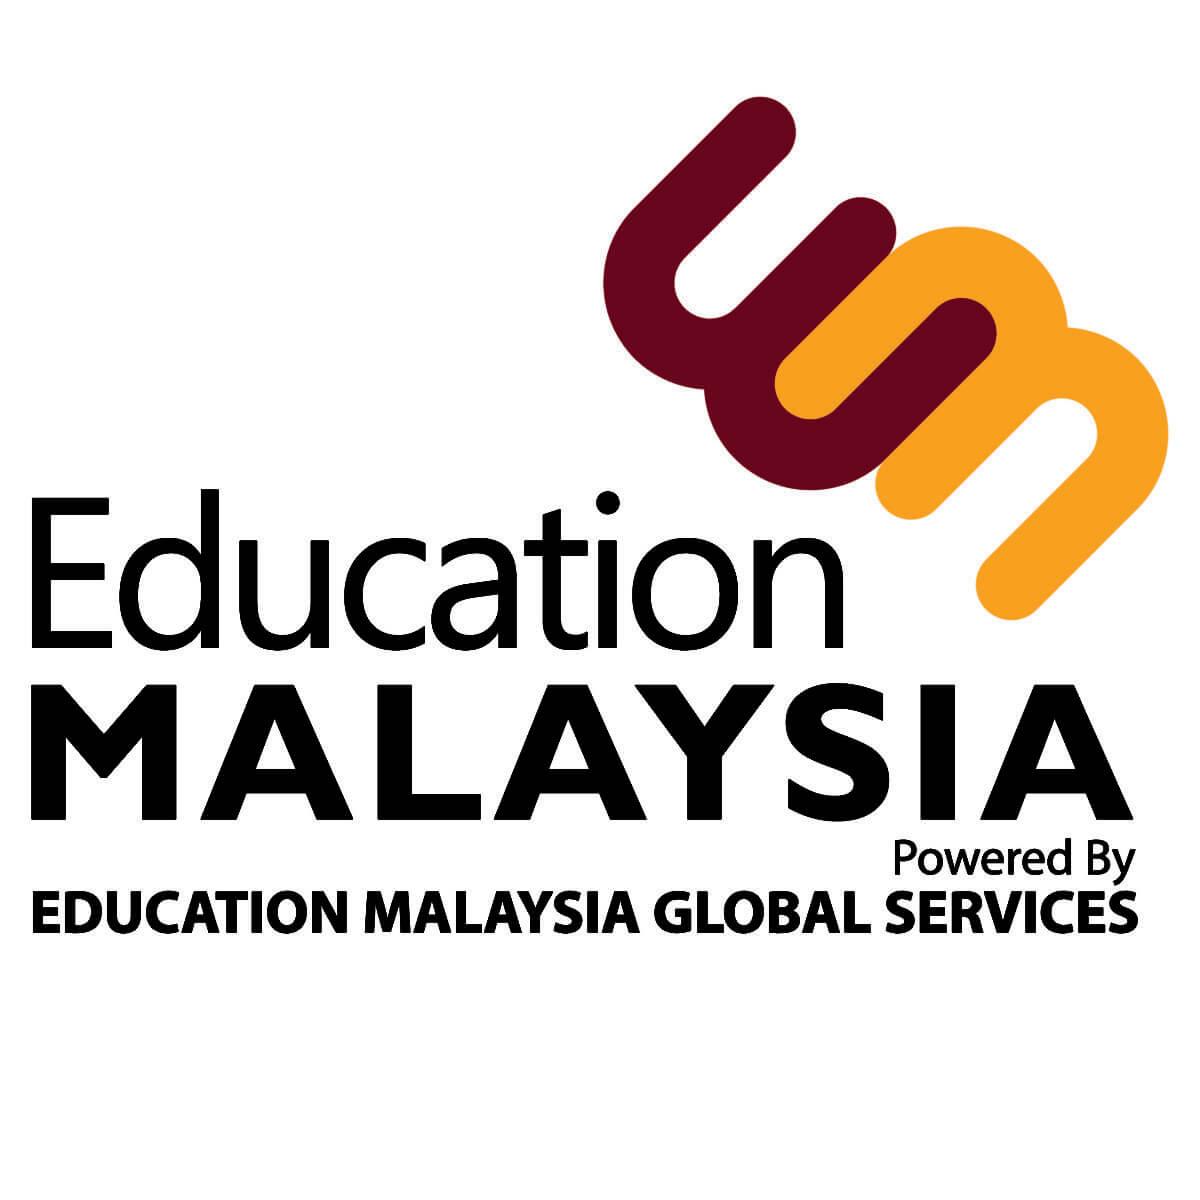 【高校教員・進路アドバイザーの方対象】マレーシア政府機関主催・マレーシア大学進学基礎講座セミナー[オンライン]